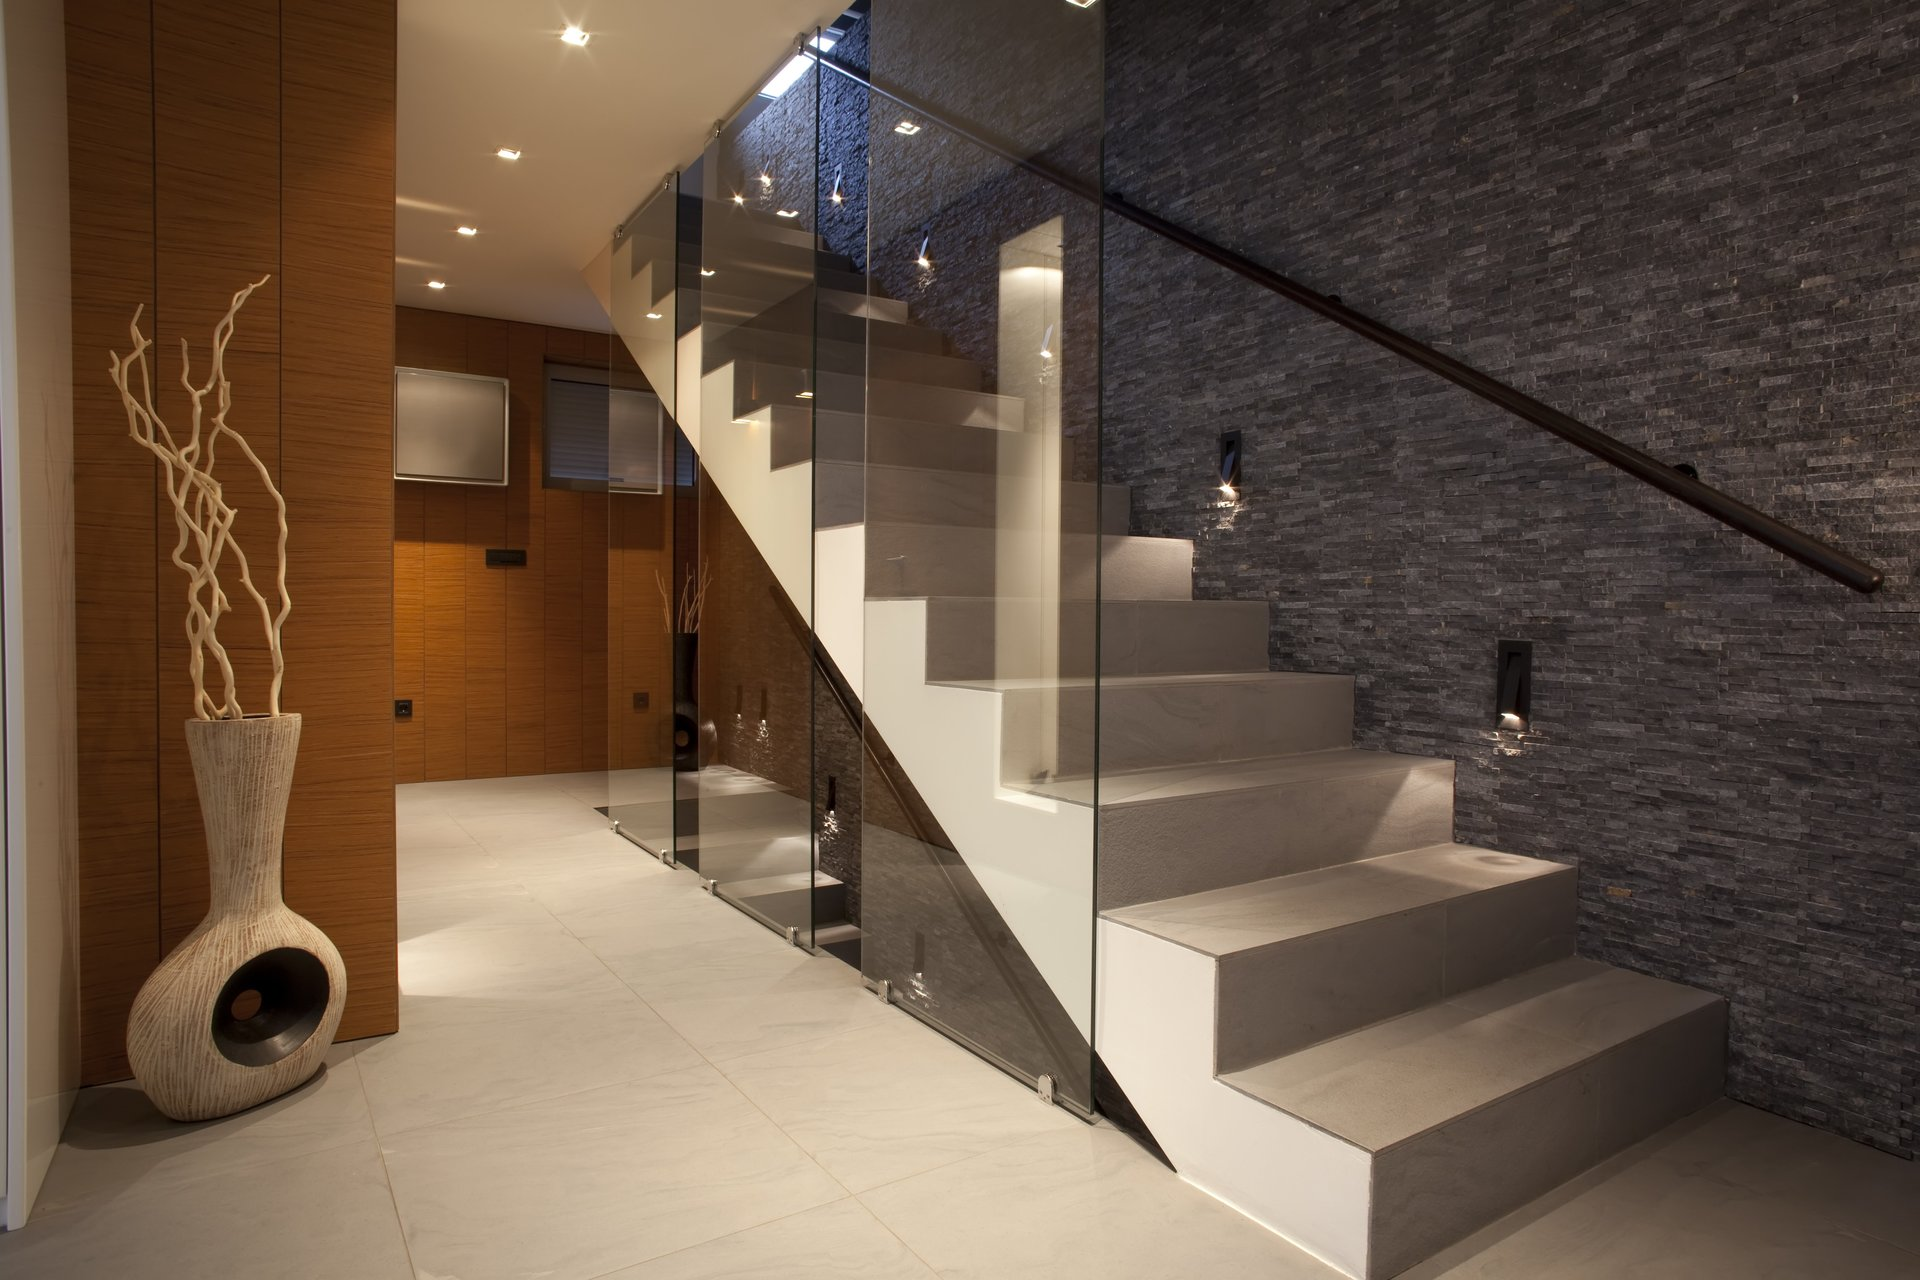 Soluzione in vetro per la casa, modello 4